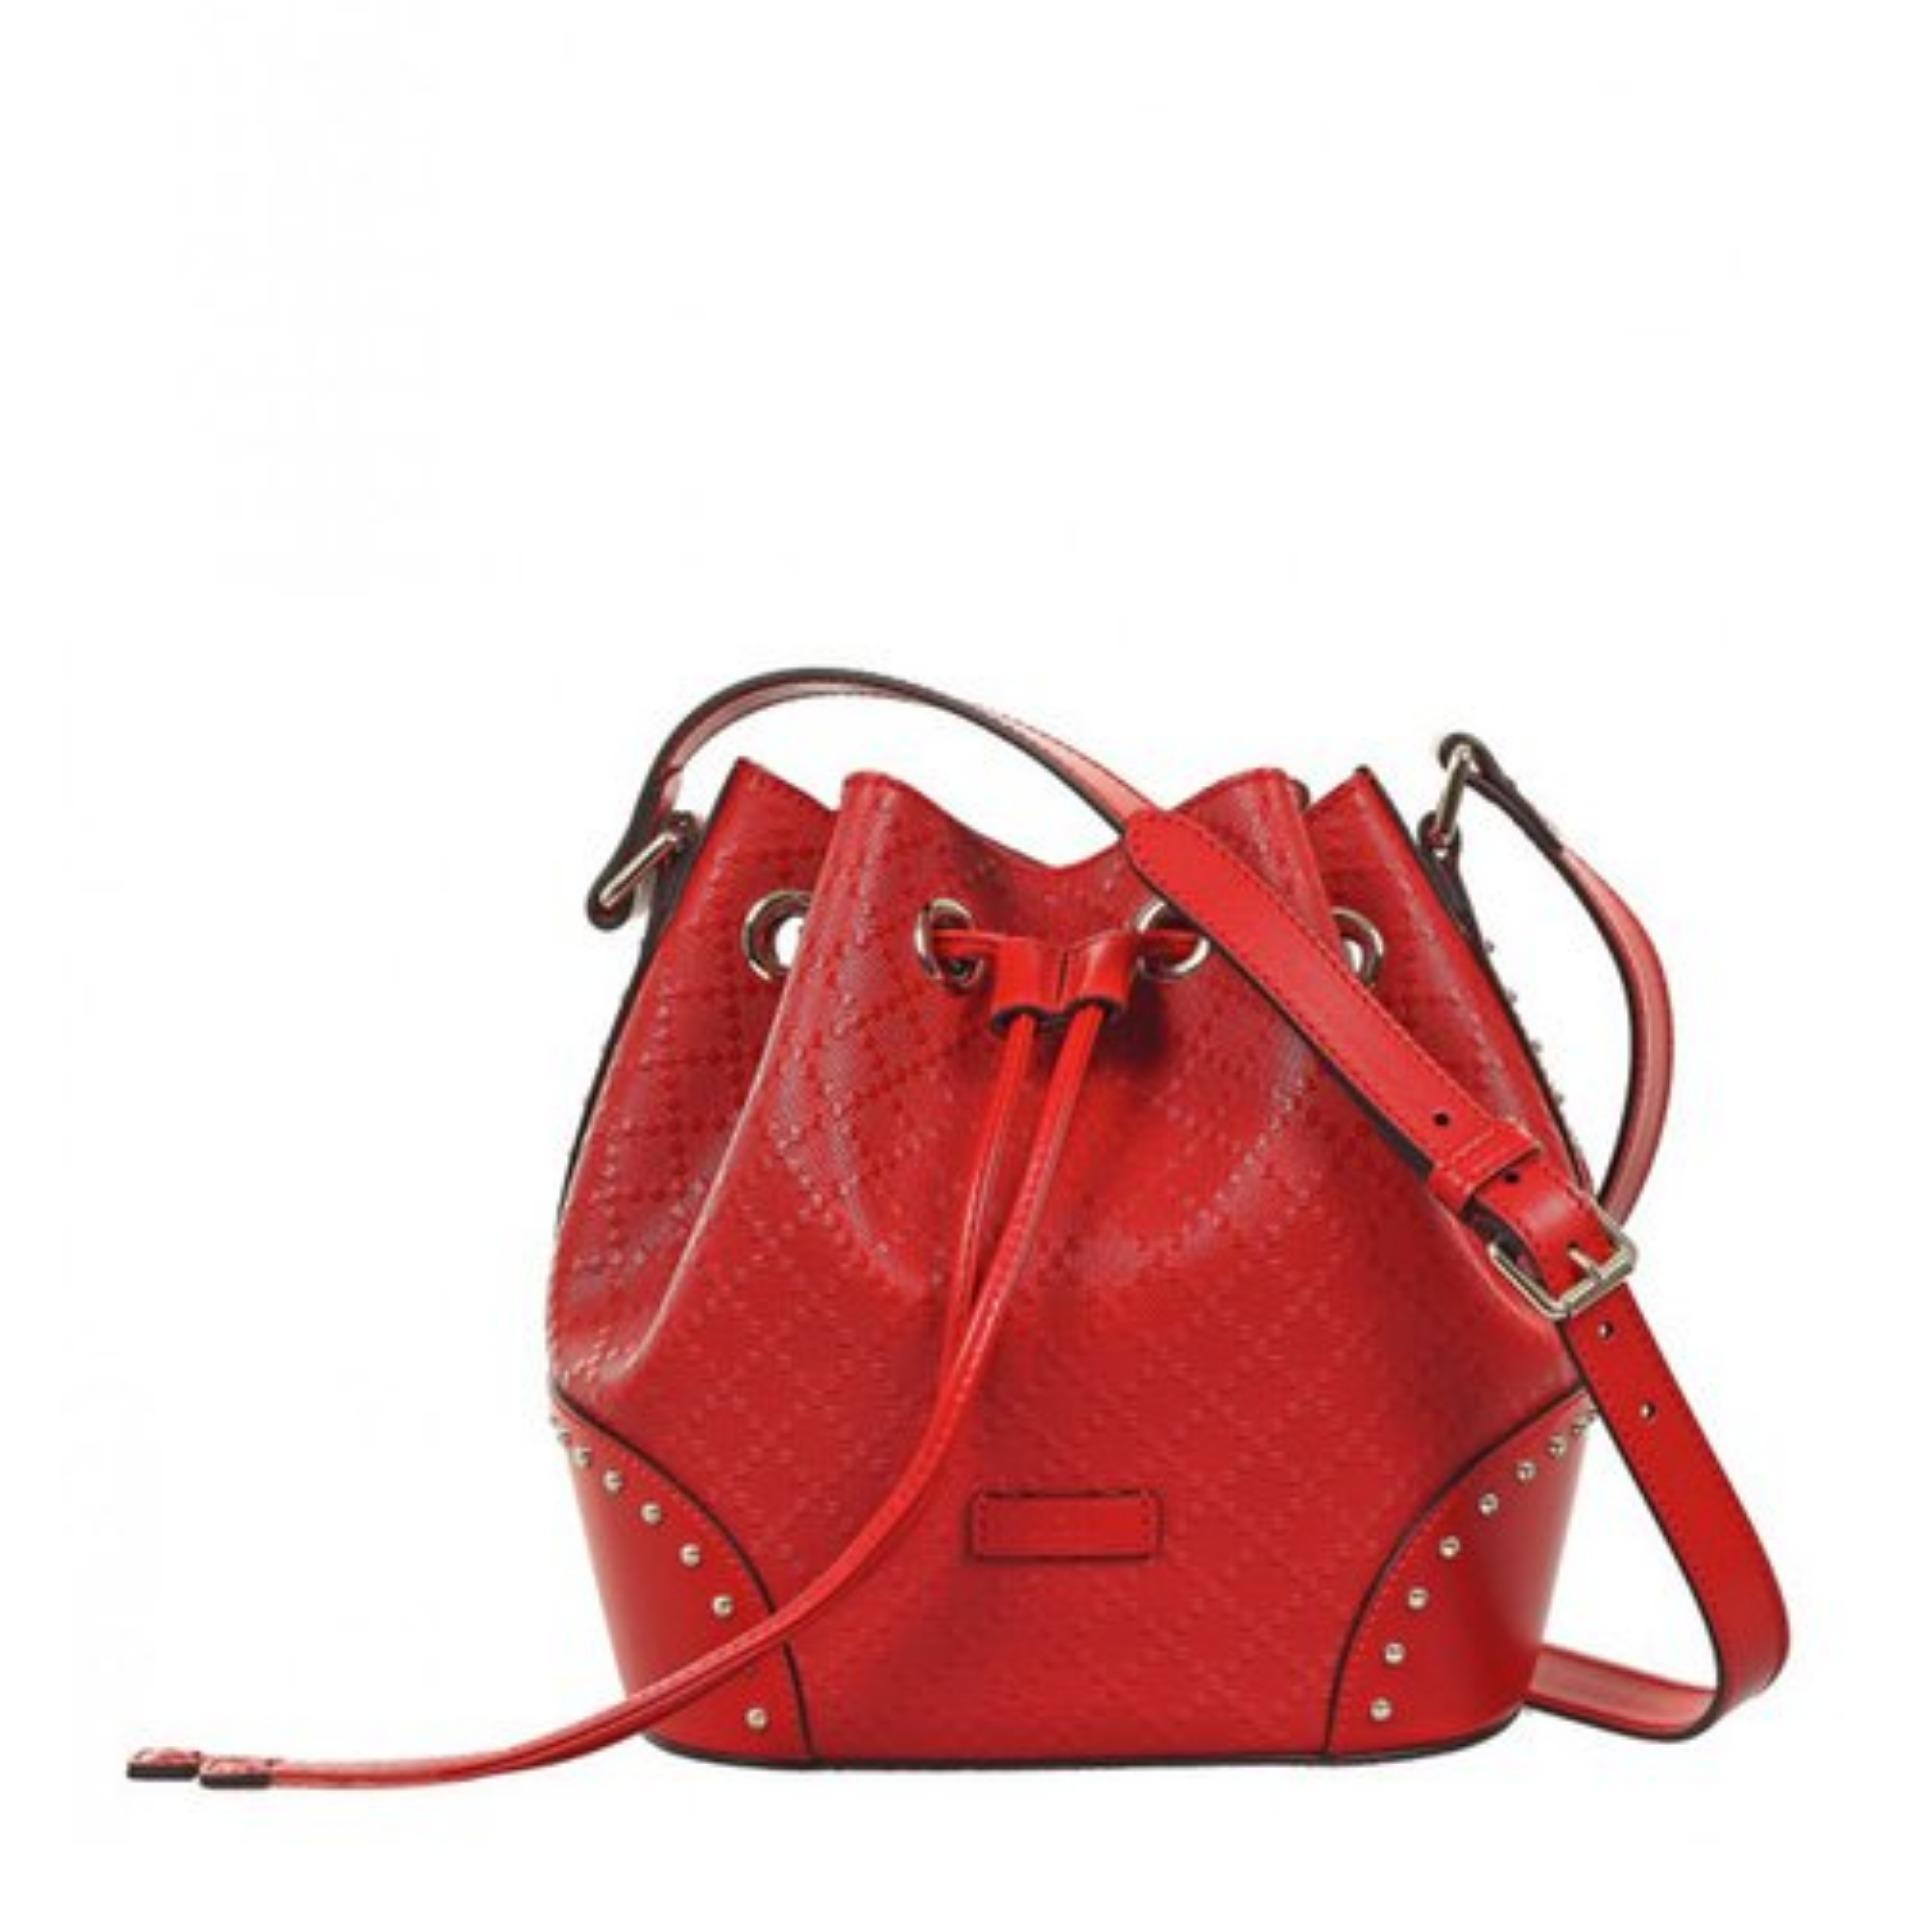 0feeb41e5569 Gucci Bright Diamante Leather Bucket Bag (Red) # 354229AIZ7G6523